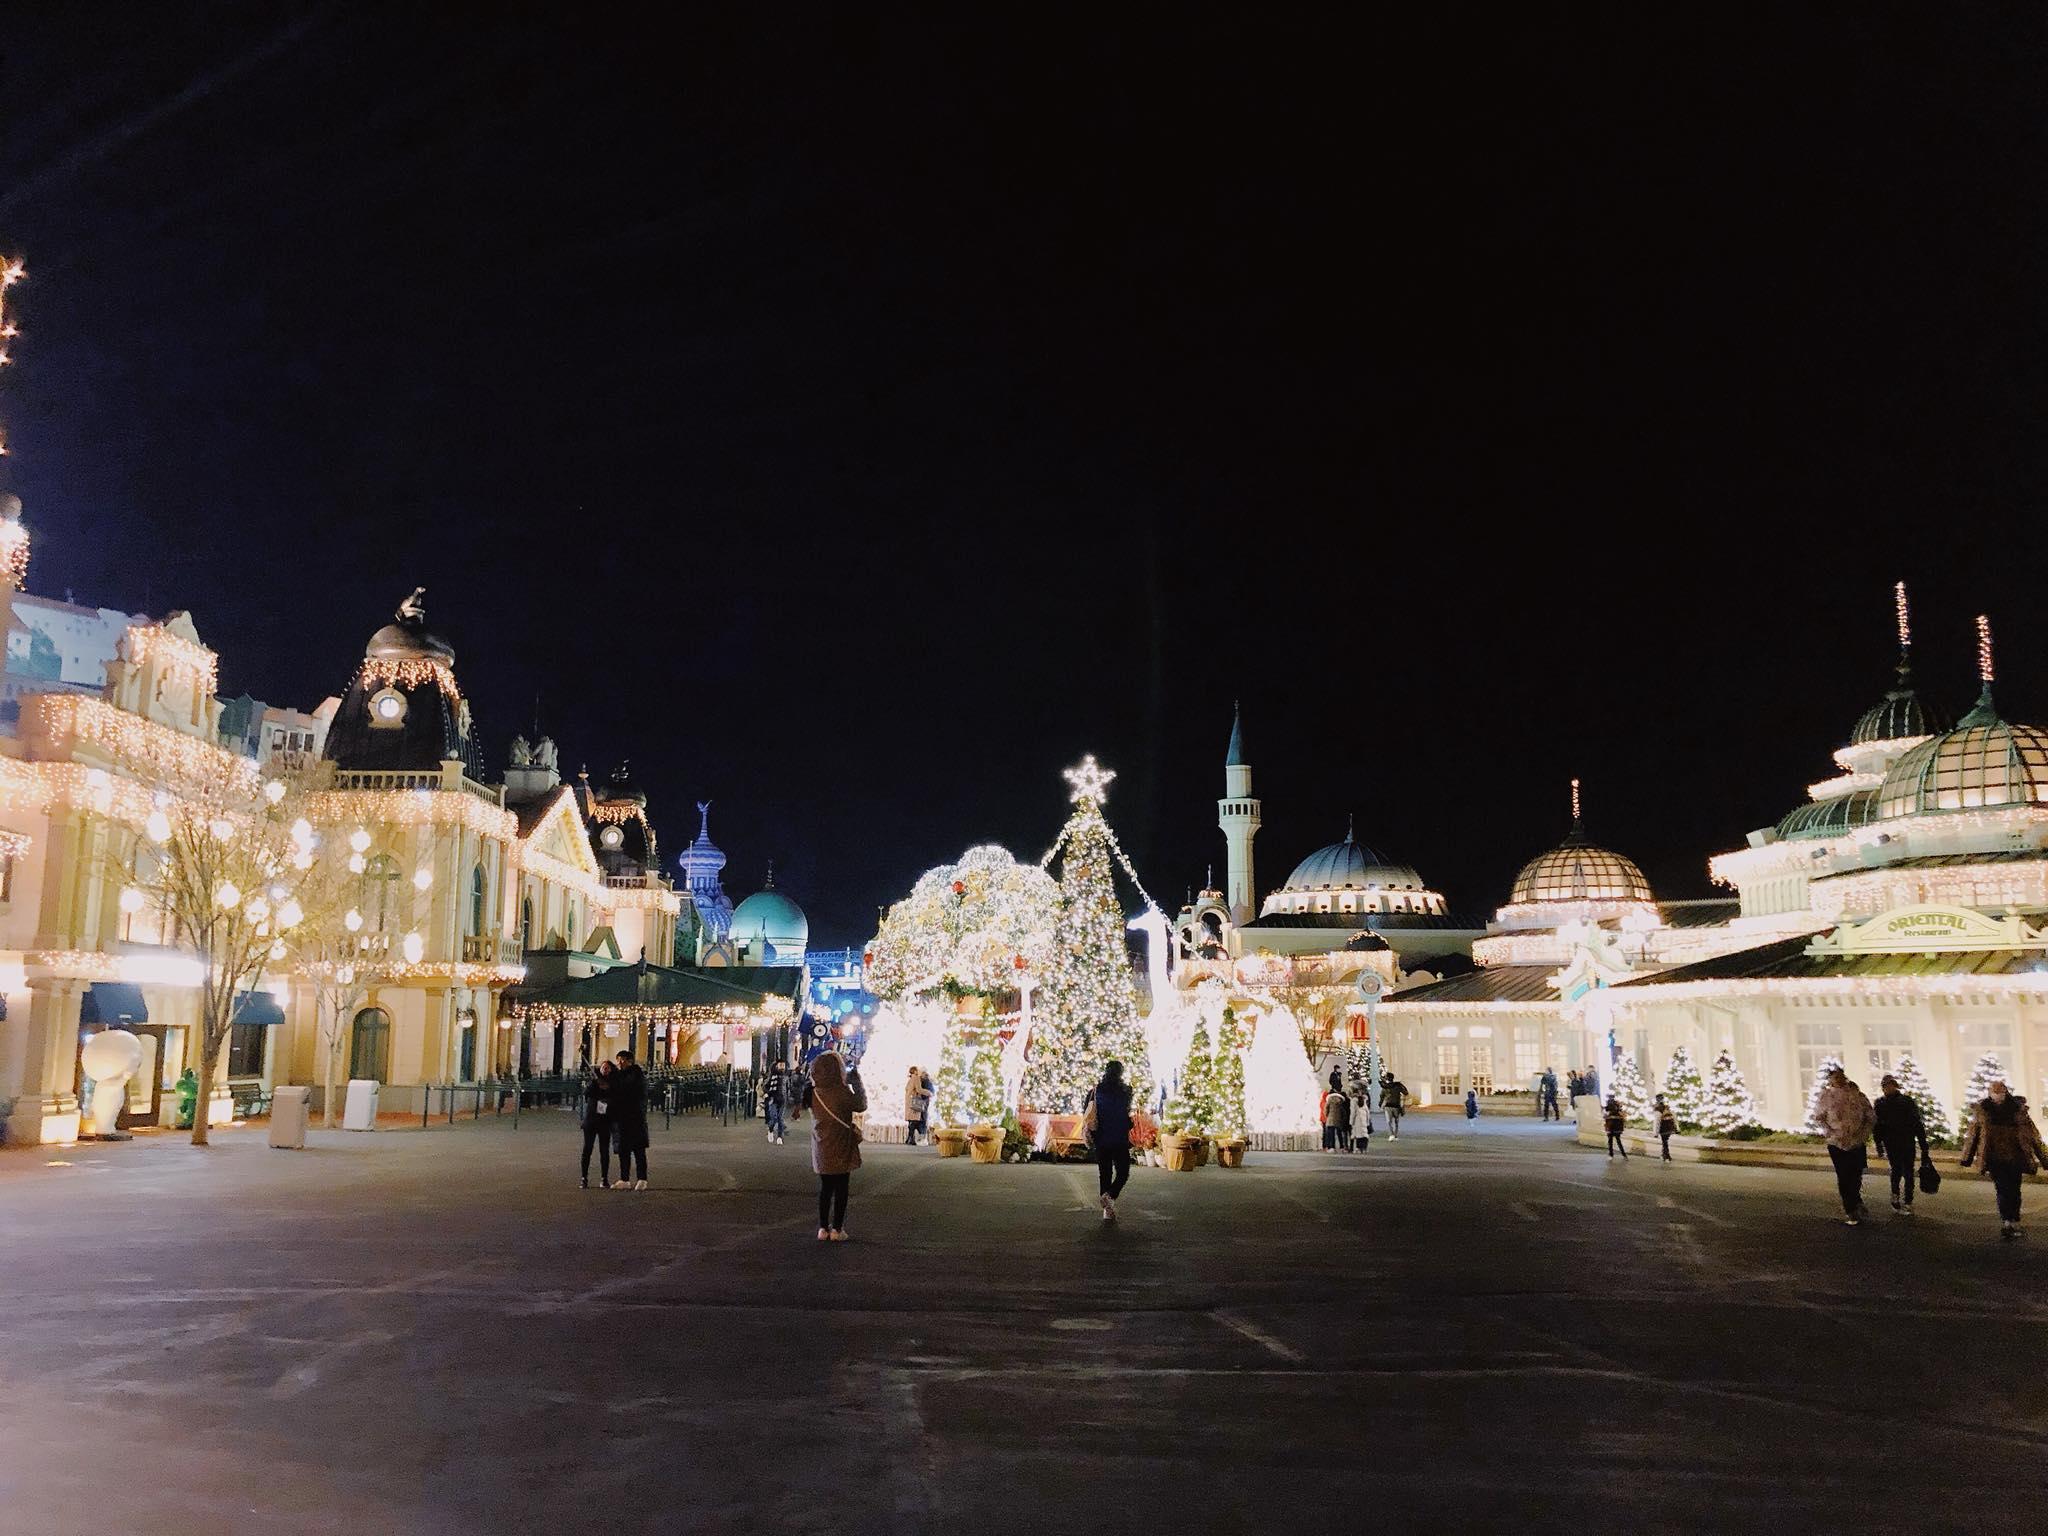 quảng trường tại seoul lên đền về đêm